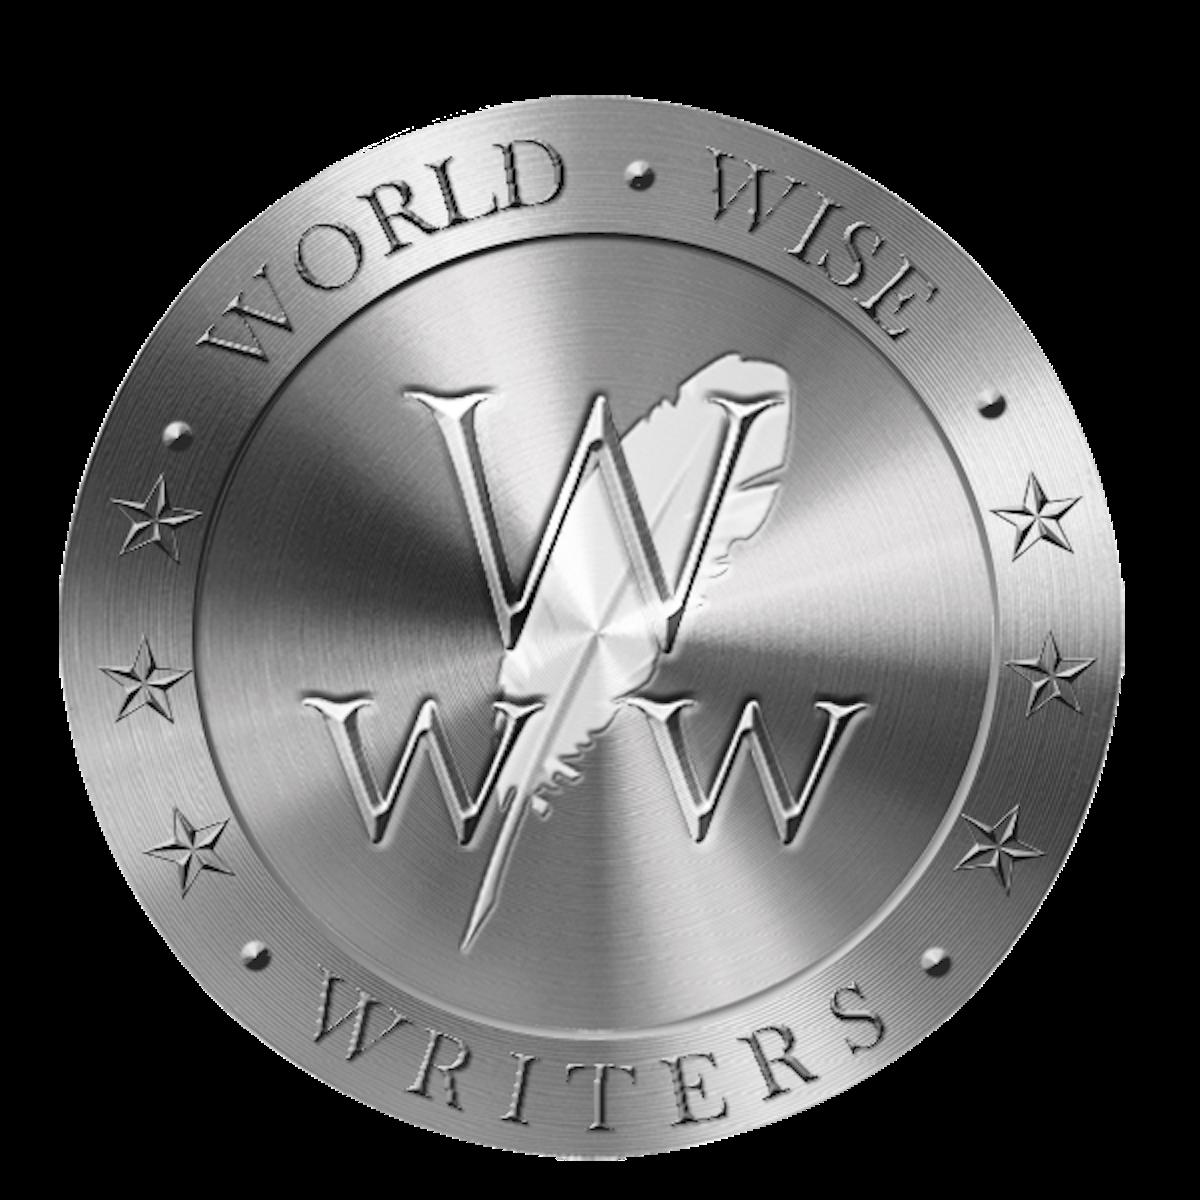 Visit Website and Blog